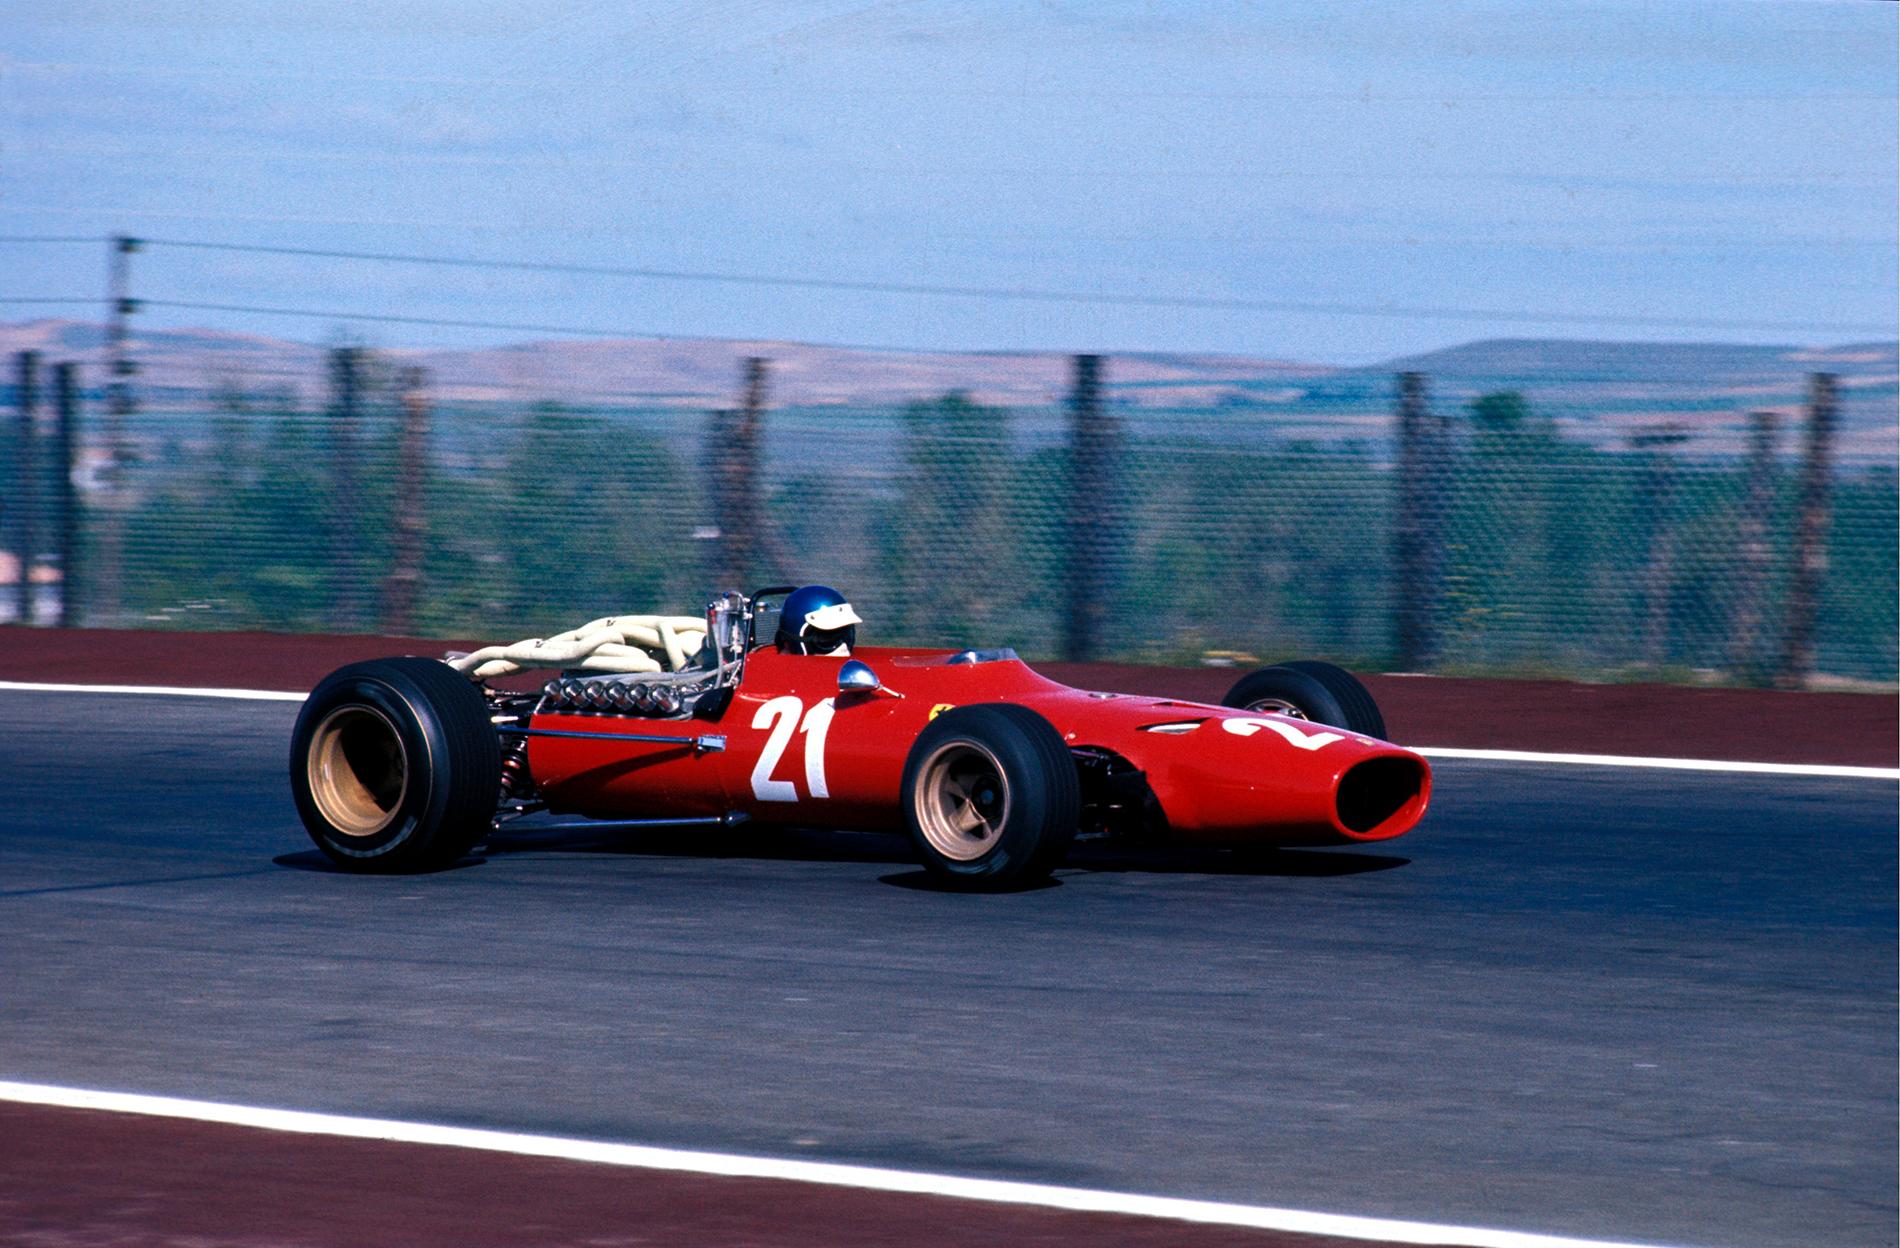 Circuito del Jarama - 1968 - Ickx